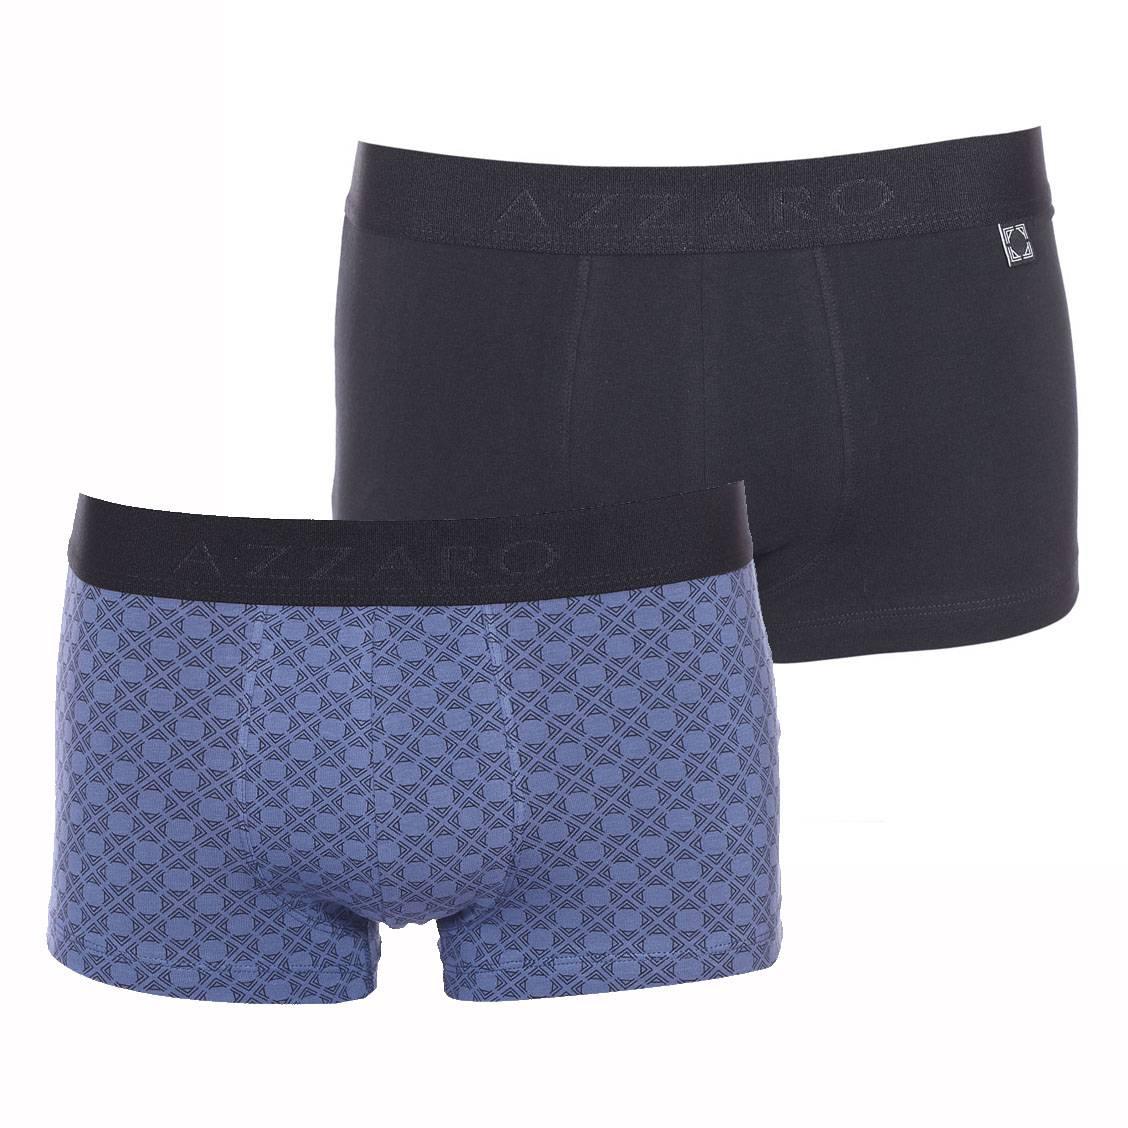 Lot de 2 boxers Azzaro en coton stretch noir et bleu indigo à motifs noirs